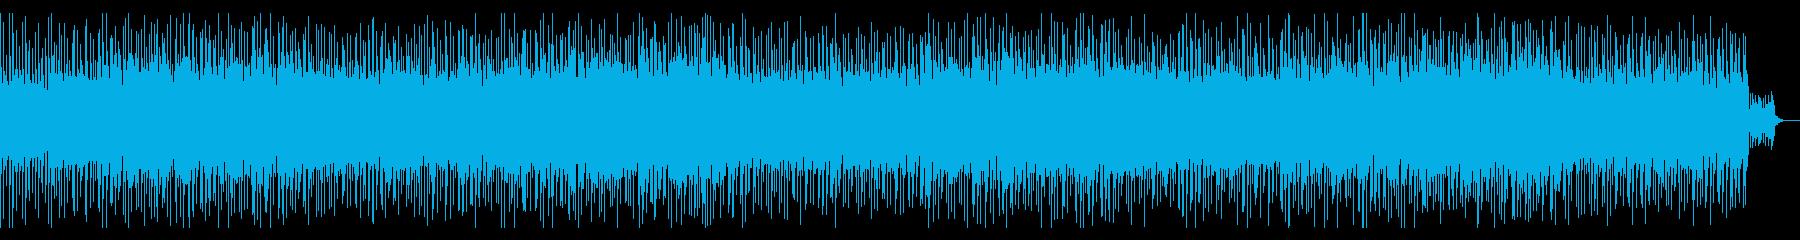 ピアノリフ爽やかアコギ夏っぽシンセギターの再生済みの波形